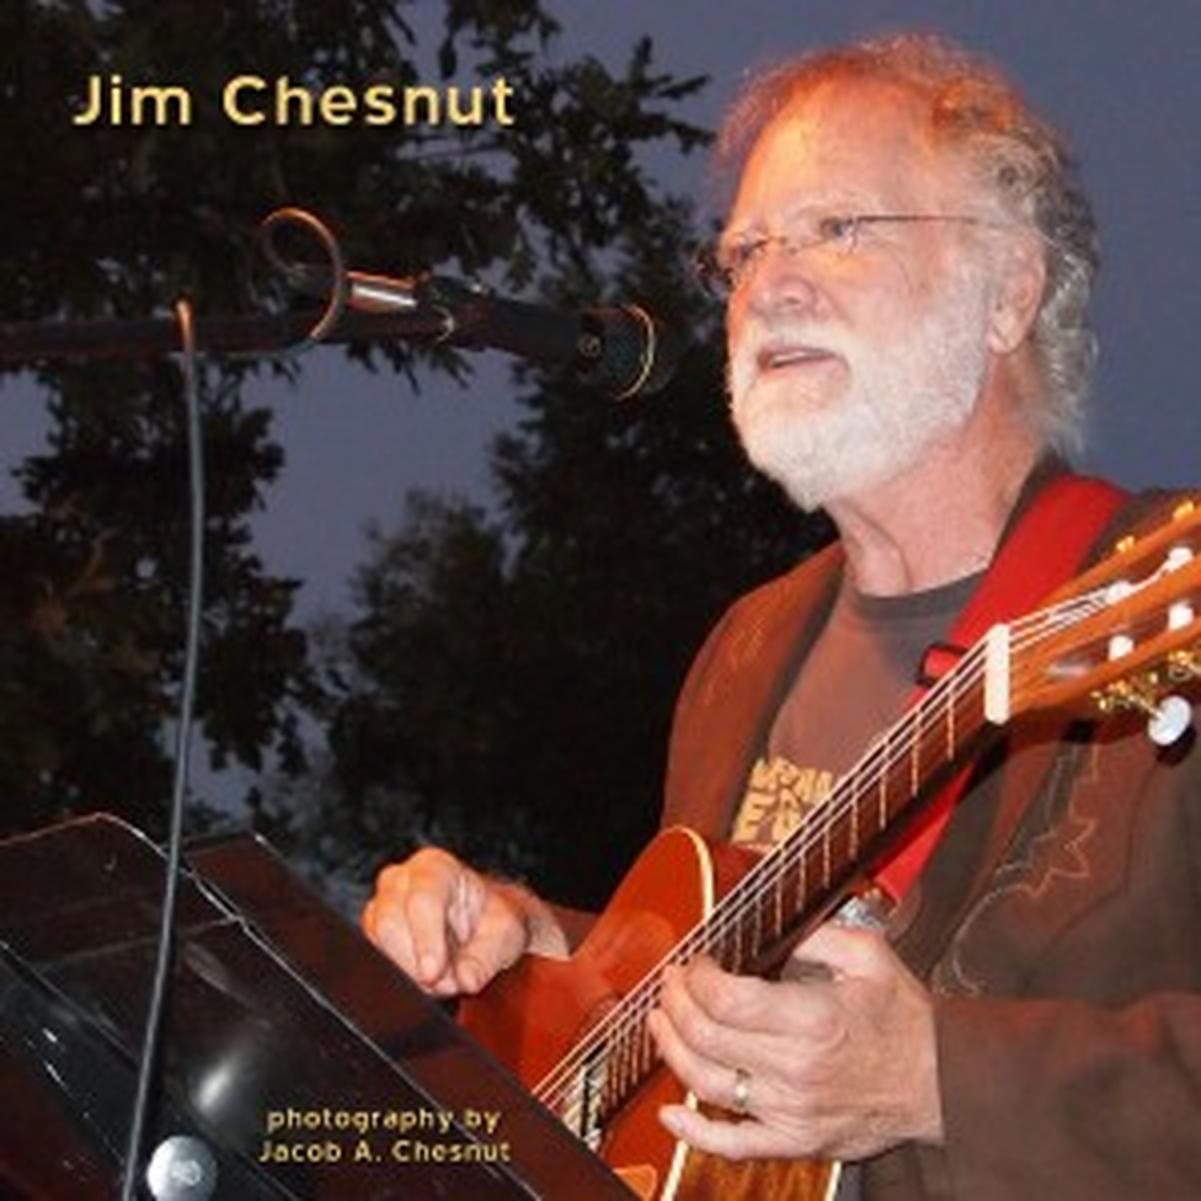 Jim Chesnut - Singer/Songwriter